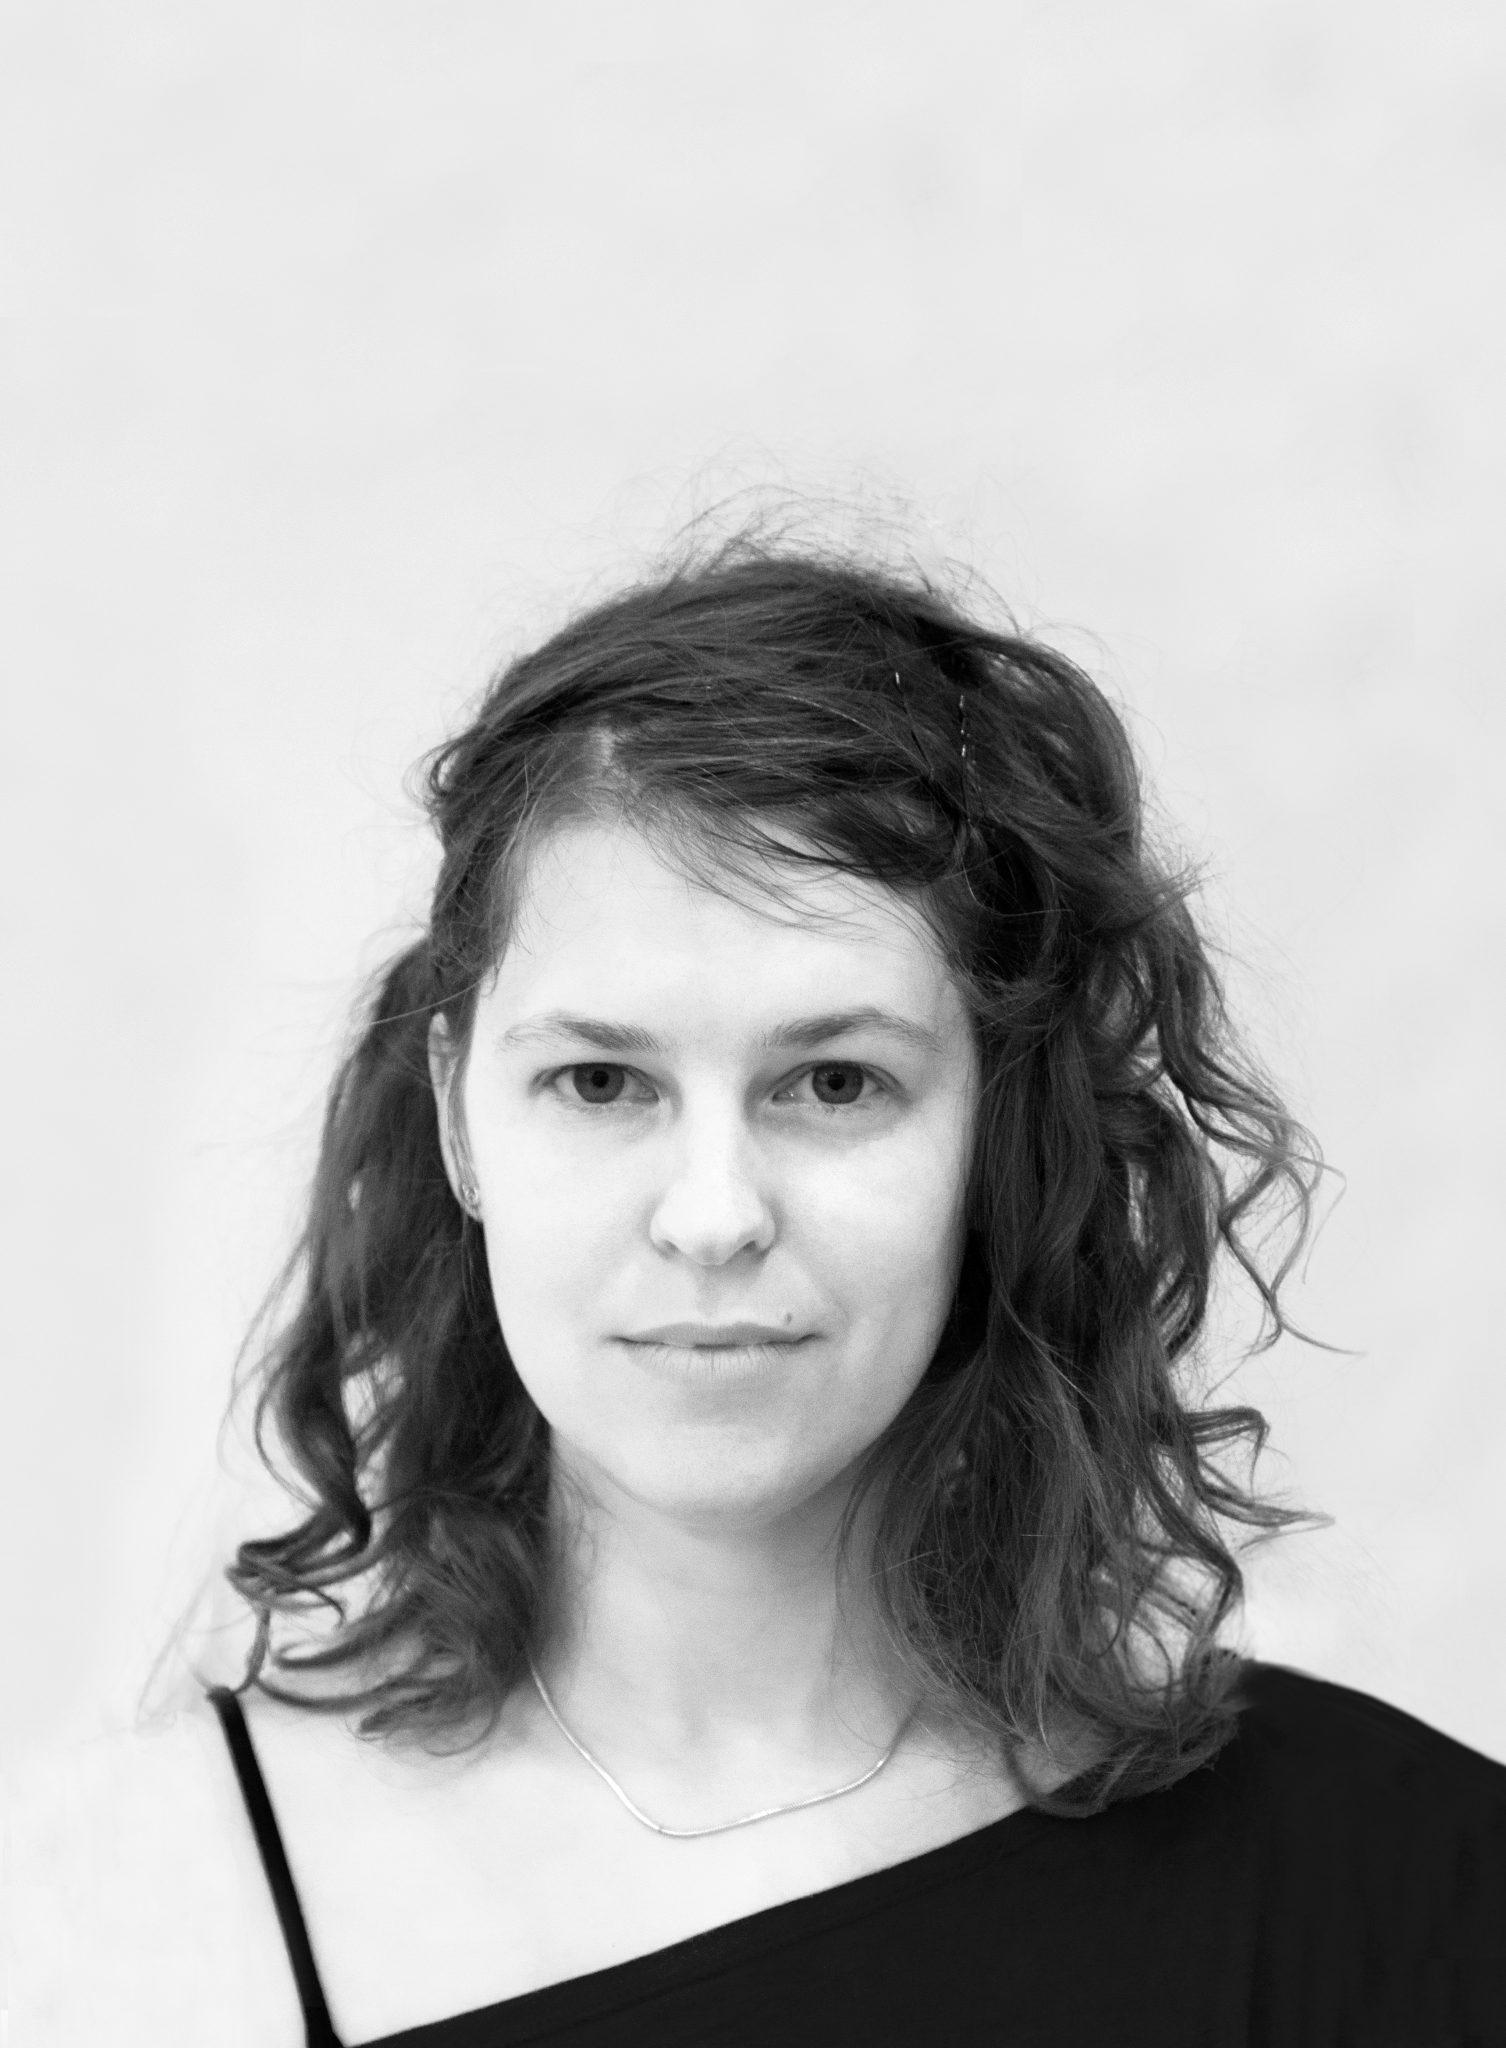 איילה פרנקל  - מורה למחול עכשוי